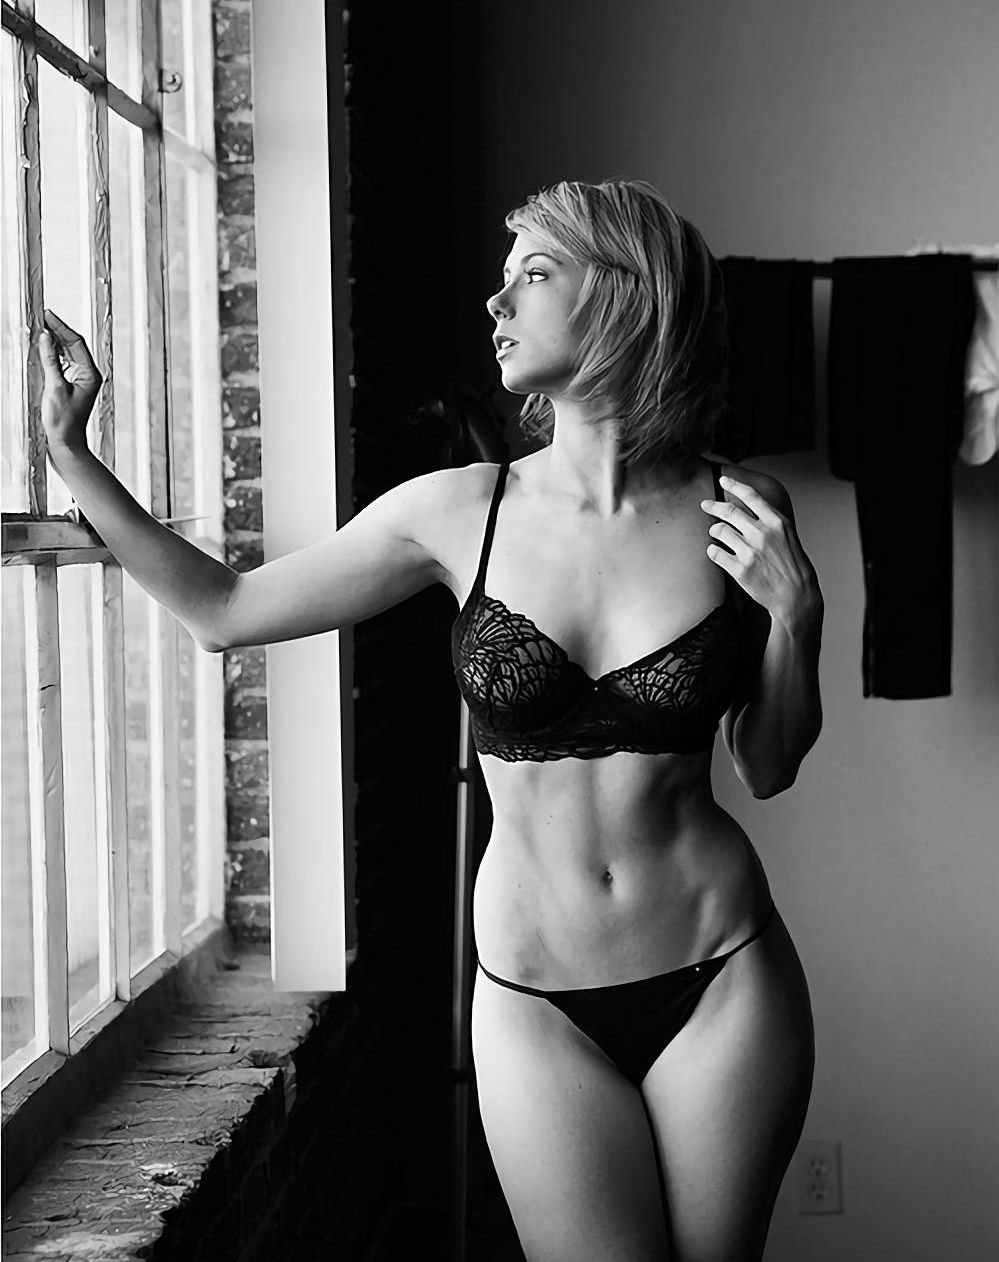 Iliza shlesinger nude photos